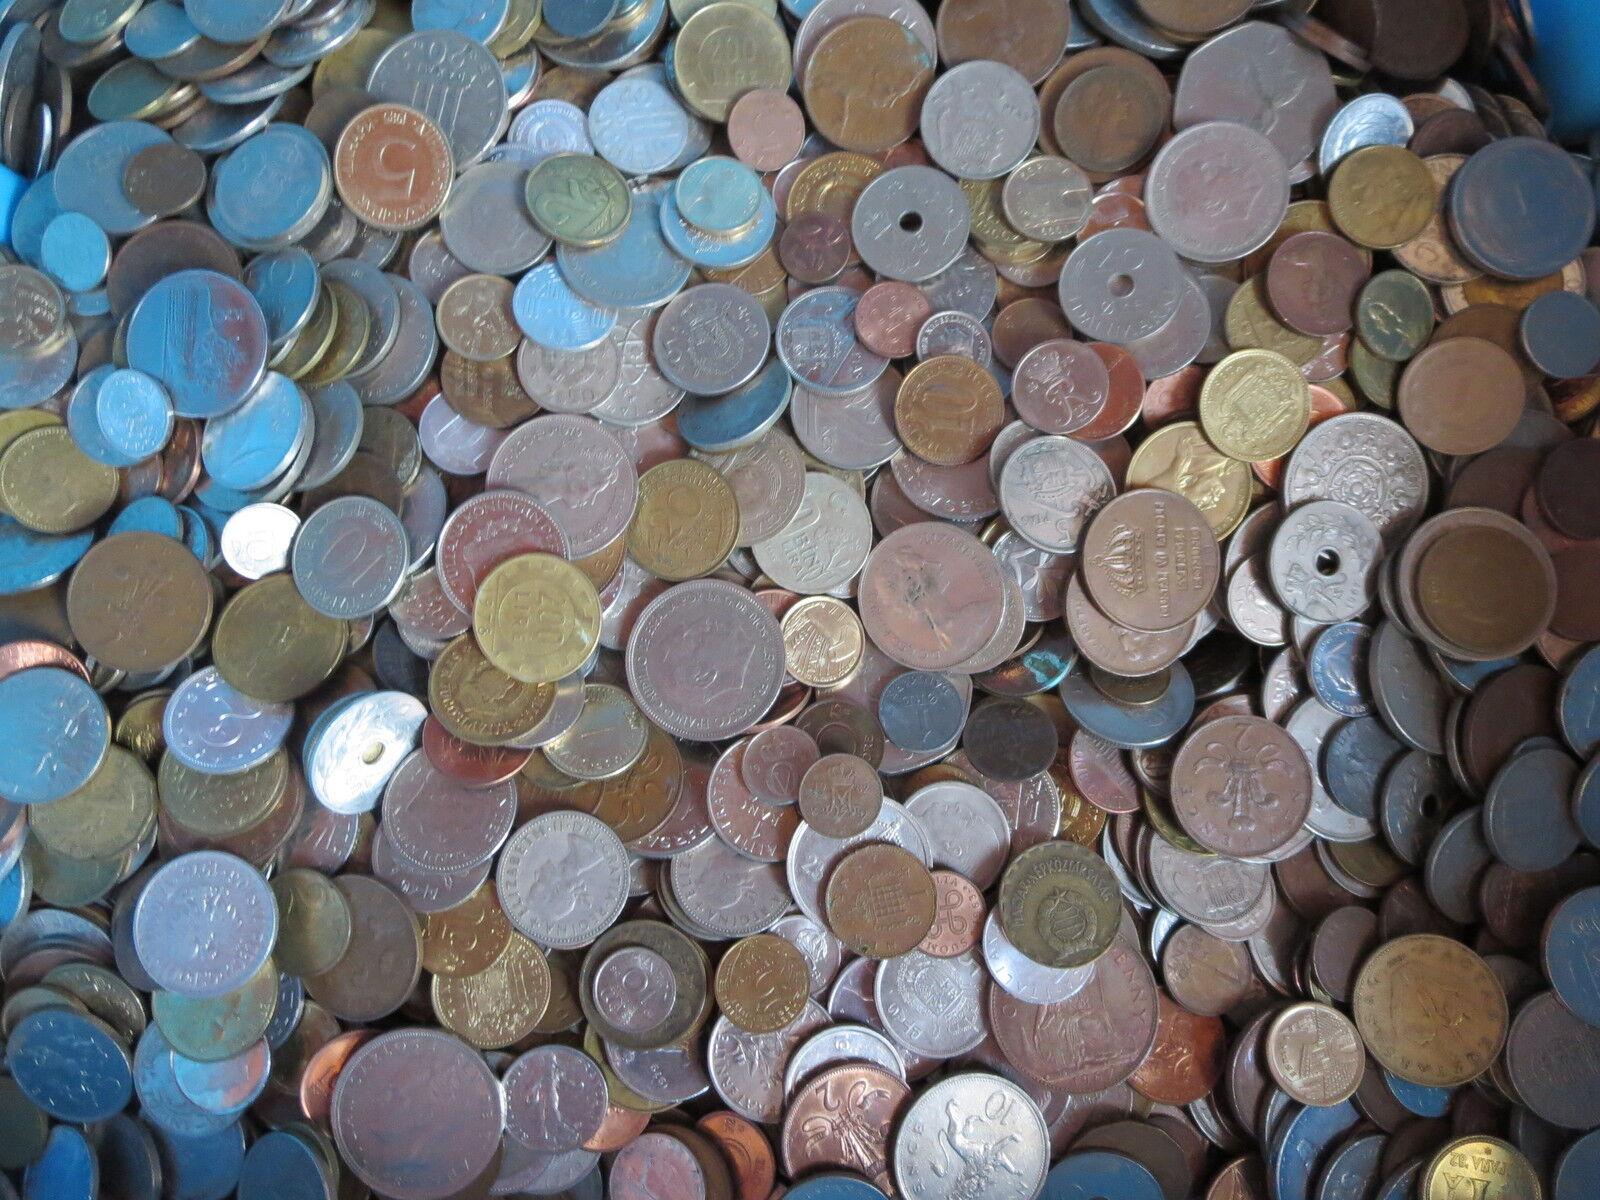 1 Kg Münzen überwiegend Europa - möglich auch Nordamerika - Kilo - Kilogramm